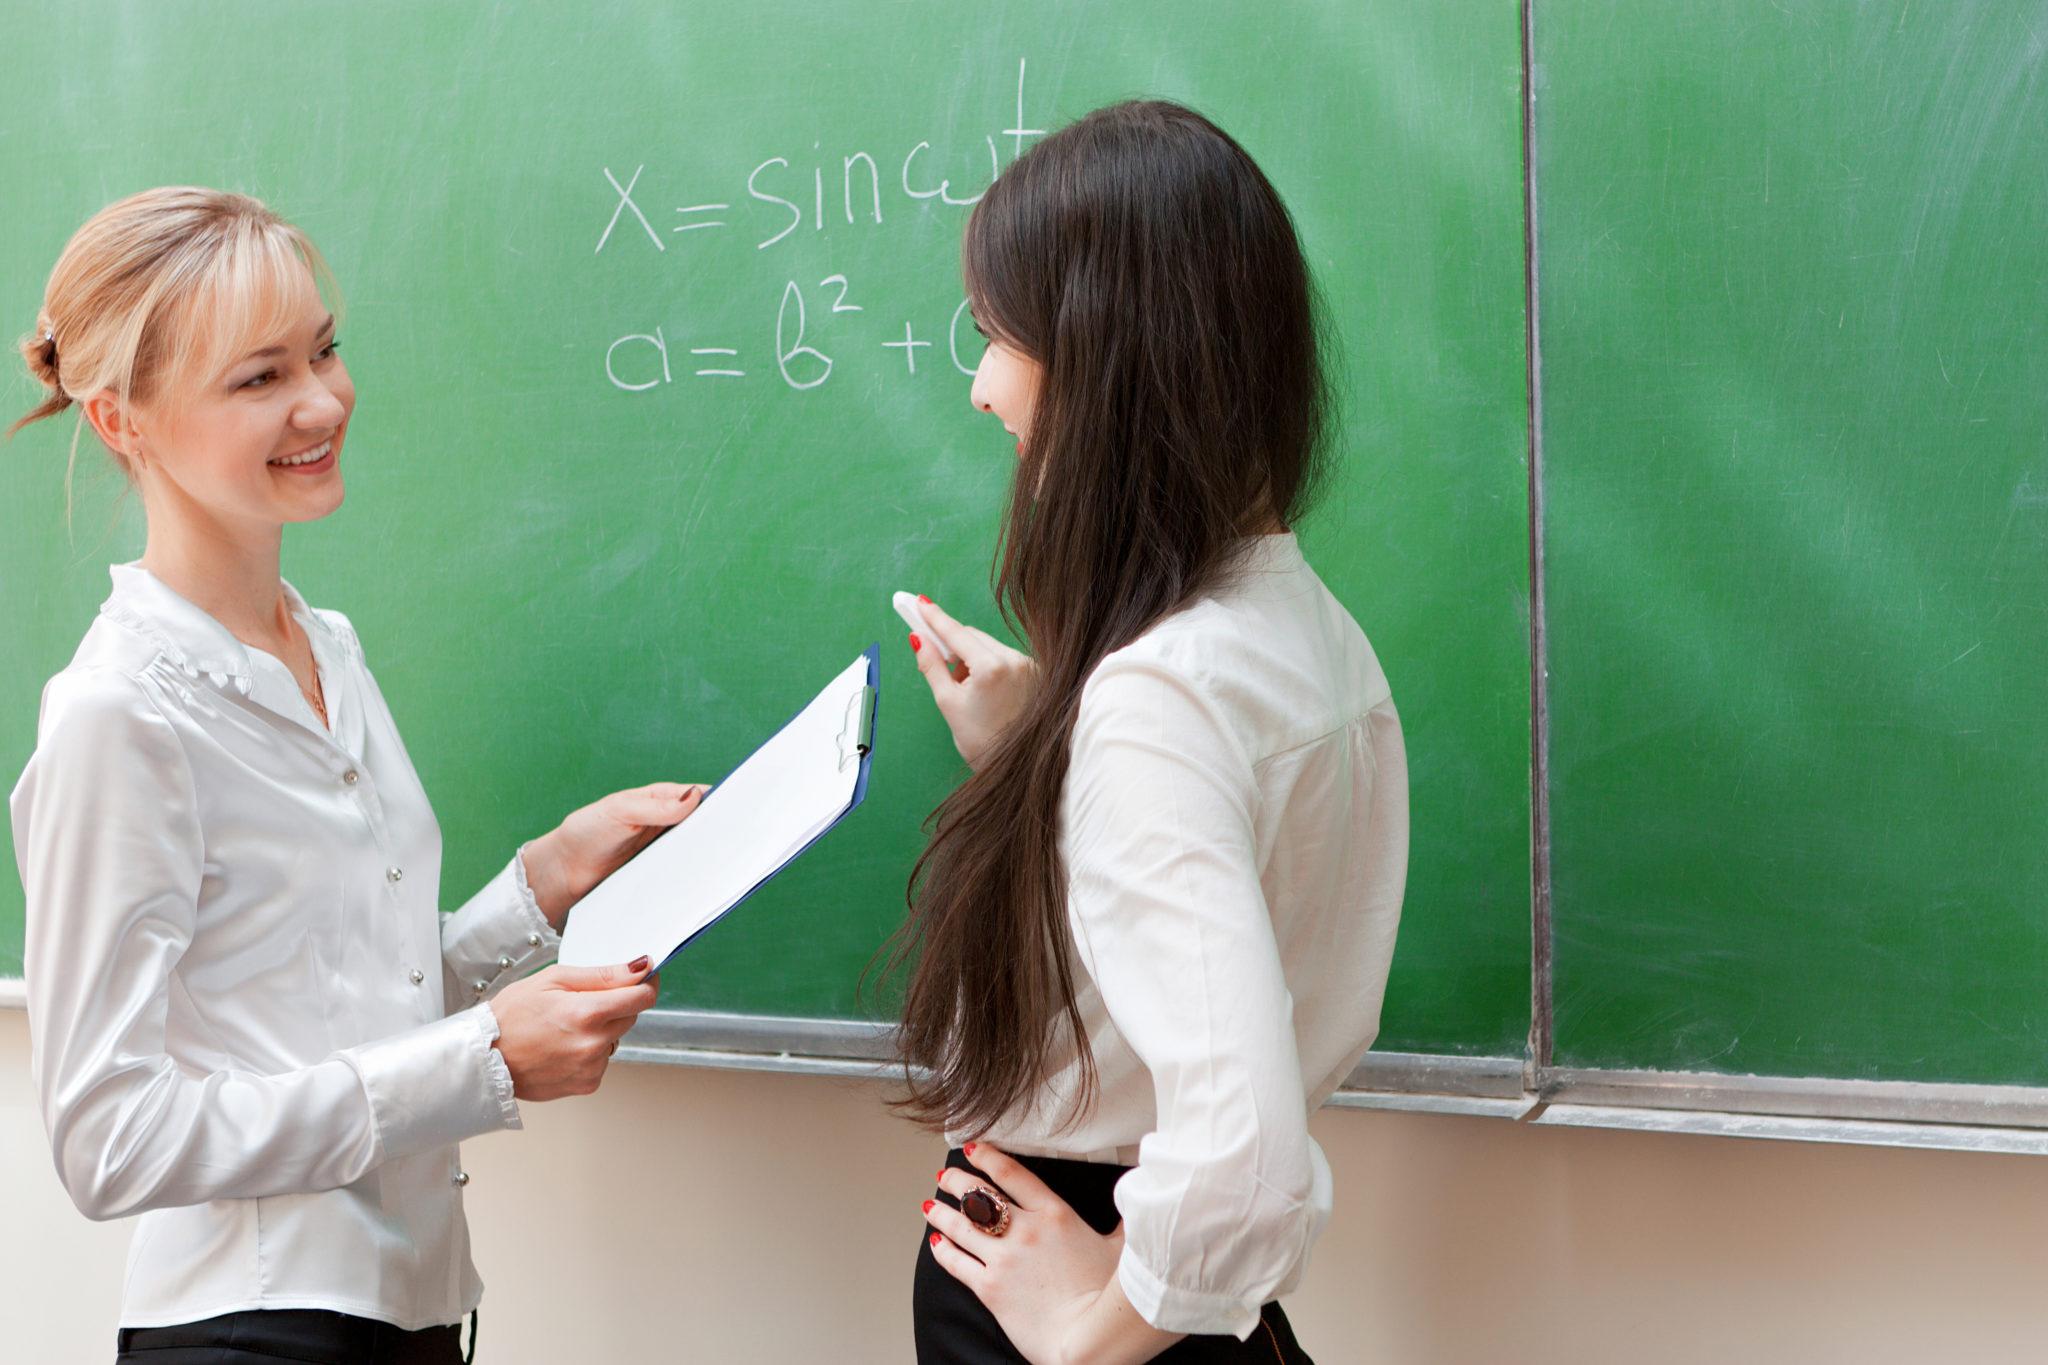 ¿Quieres Trabajar como Profesor en USA? Te contamos los Requisitos para ser Profesor en EEUU. Cumple tu sueño. Trabajar como Docente en USA - CVExpres